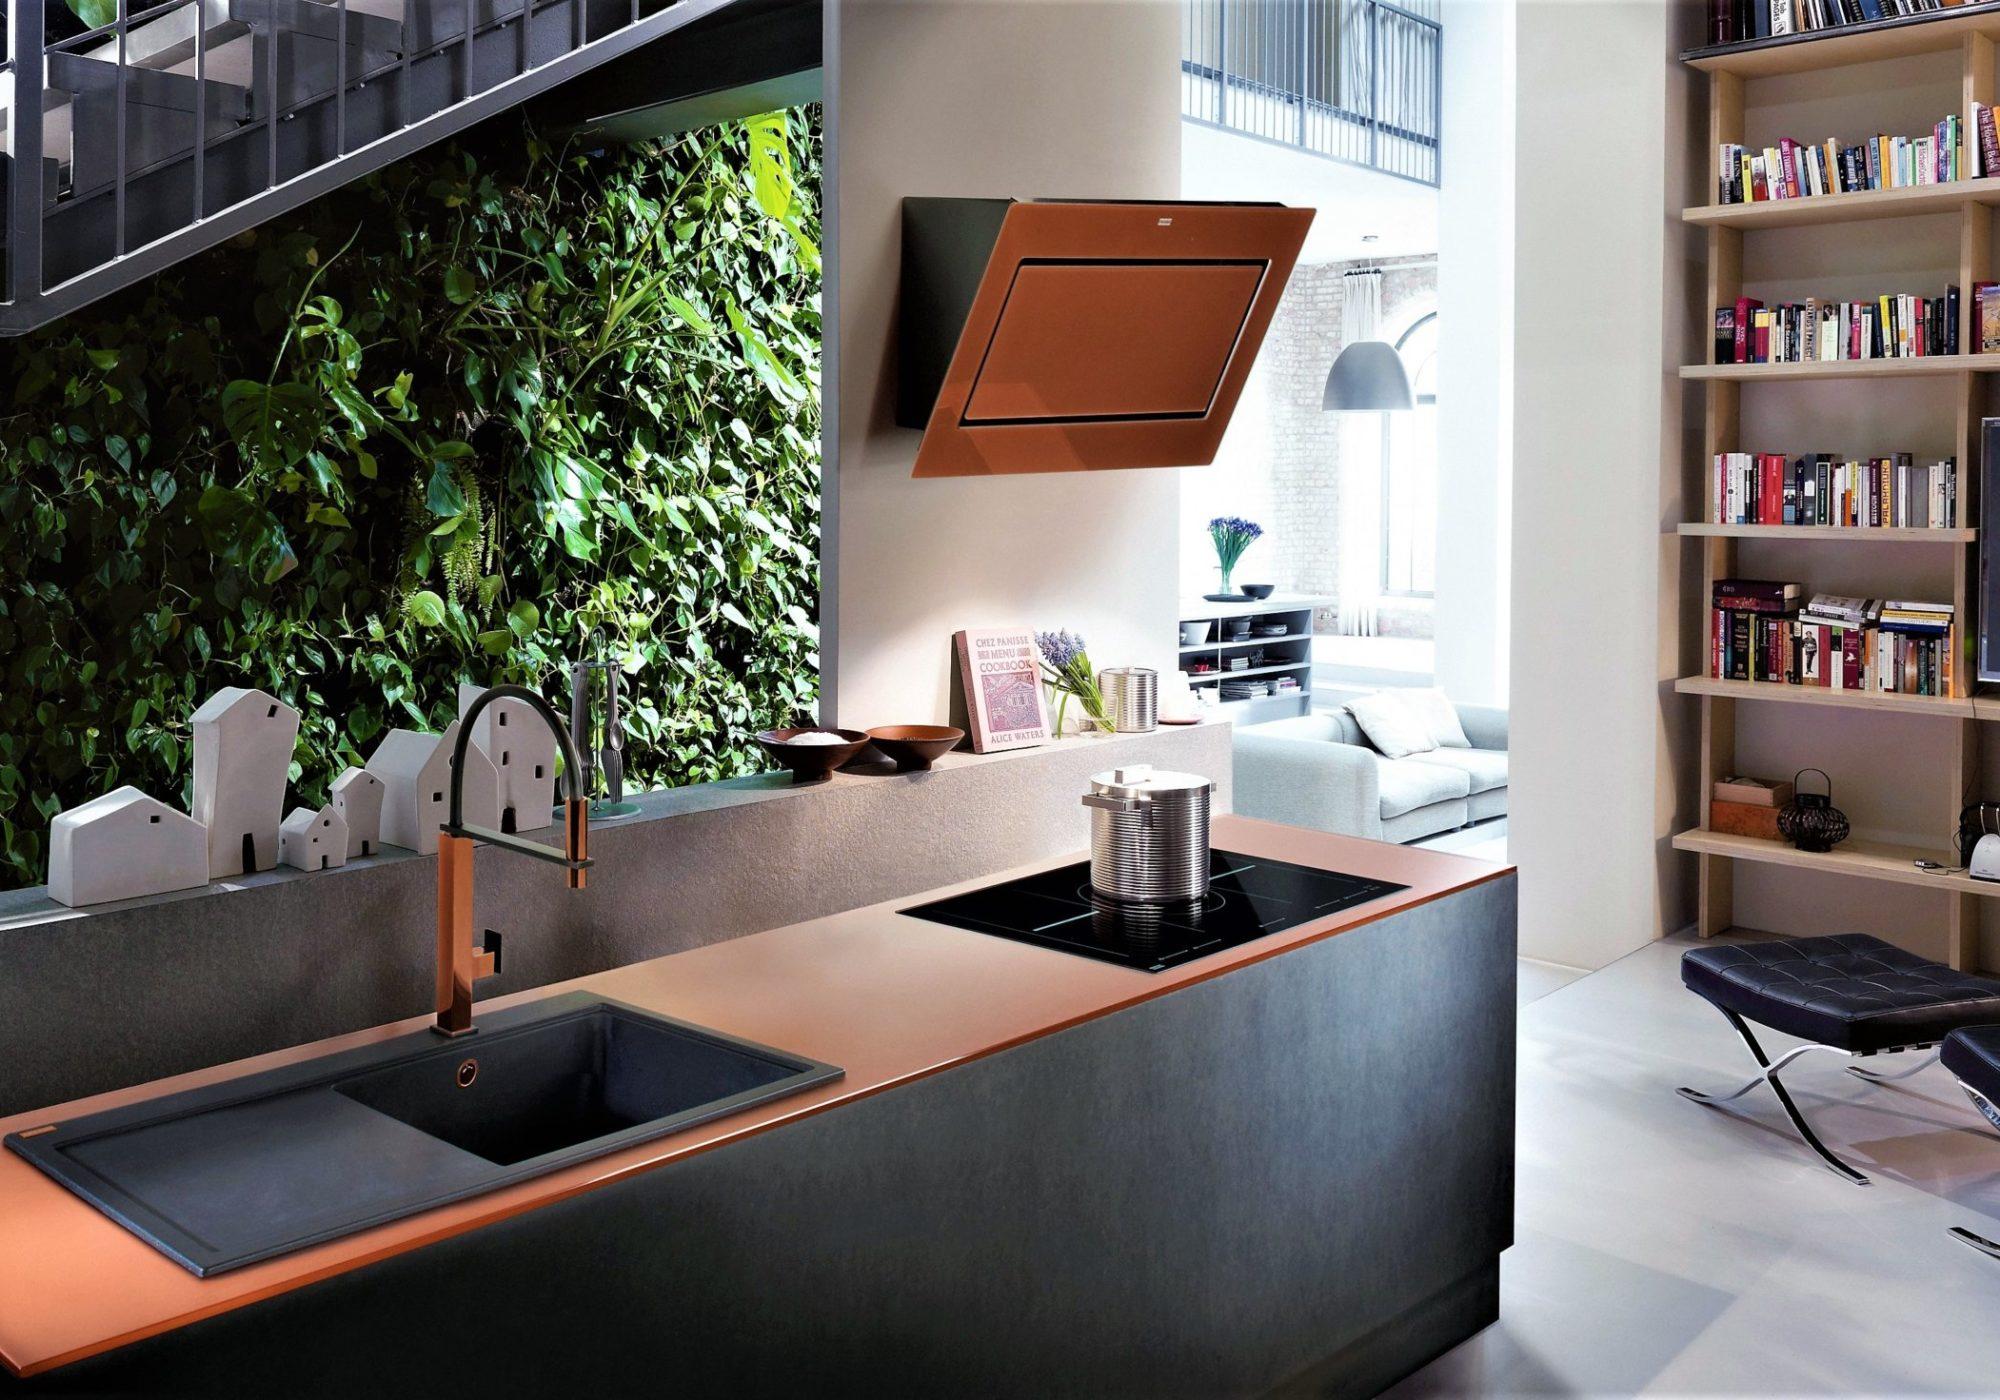 Full Size of Küche Arbeitsplatte Granit Küche Arbeitsplatte Verbinden Respekta Küche Arbeitsplatte Eckregal Küche Arbeitsplatte Küche Küche Arbeitsplatte